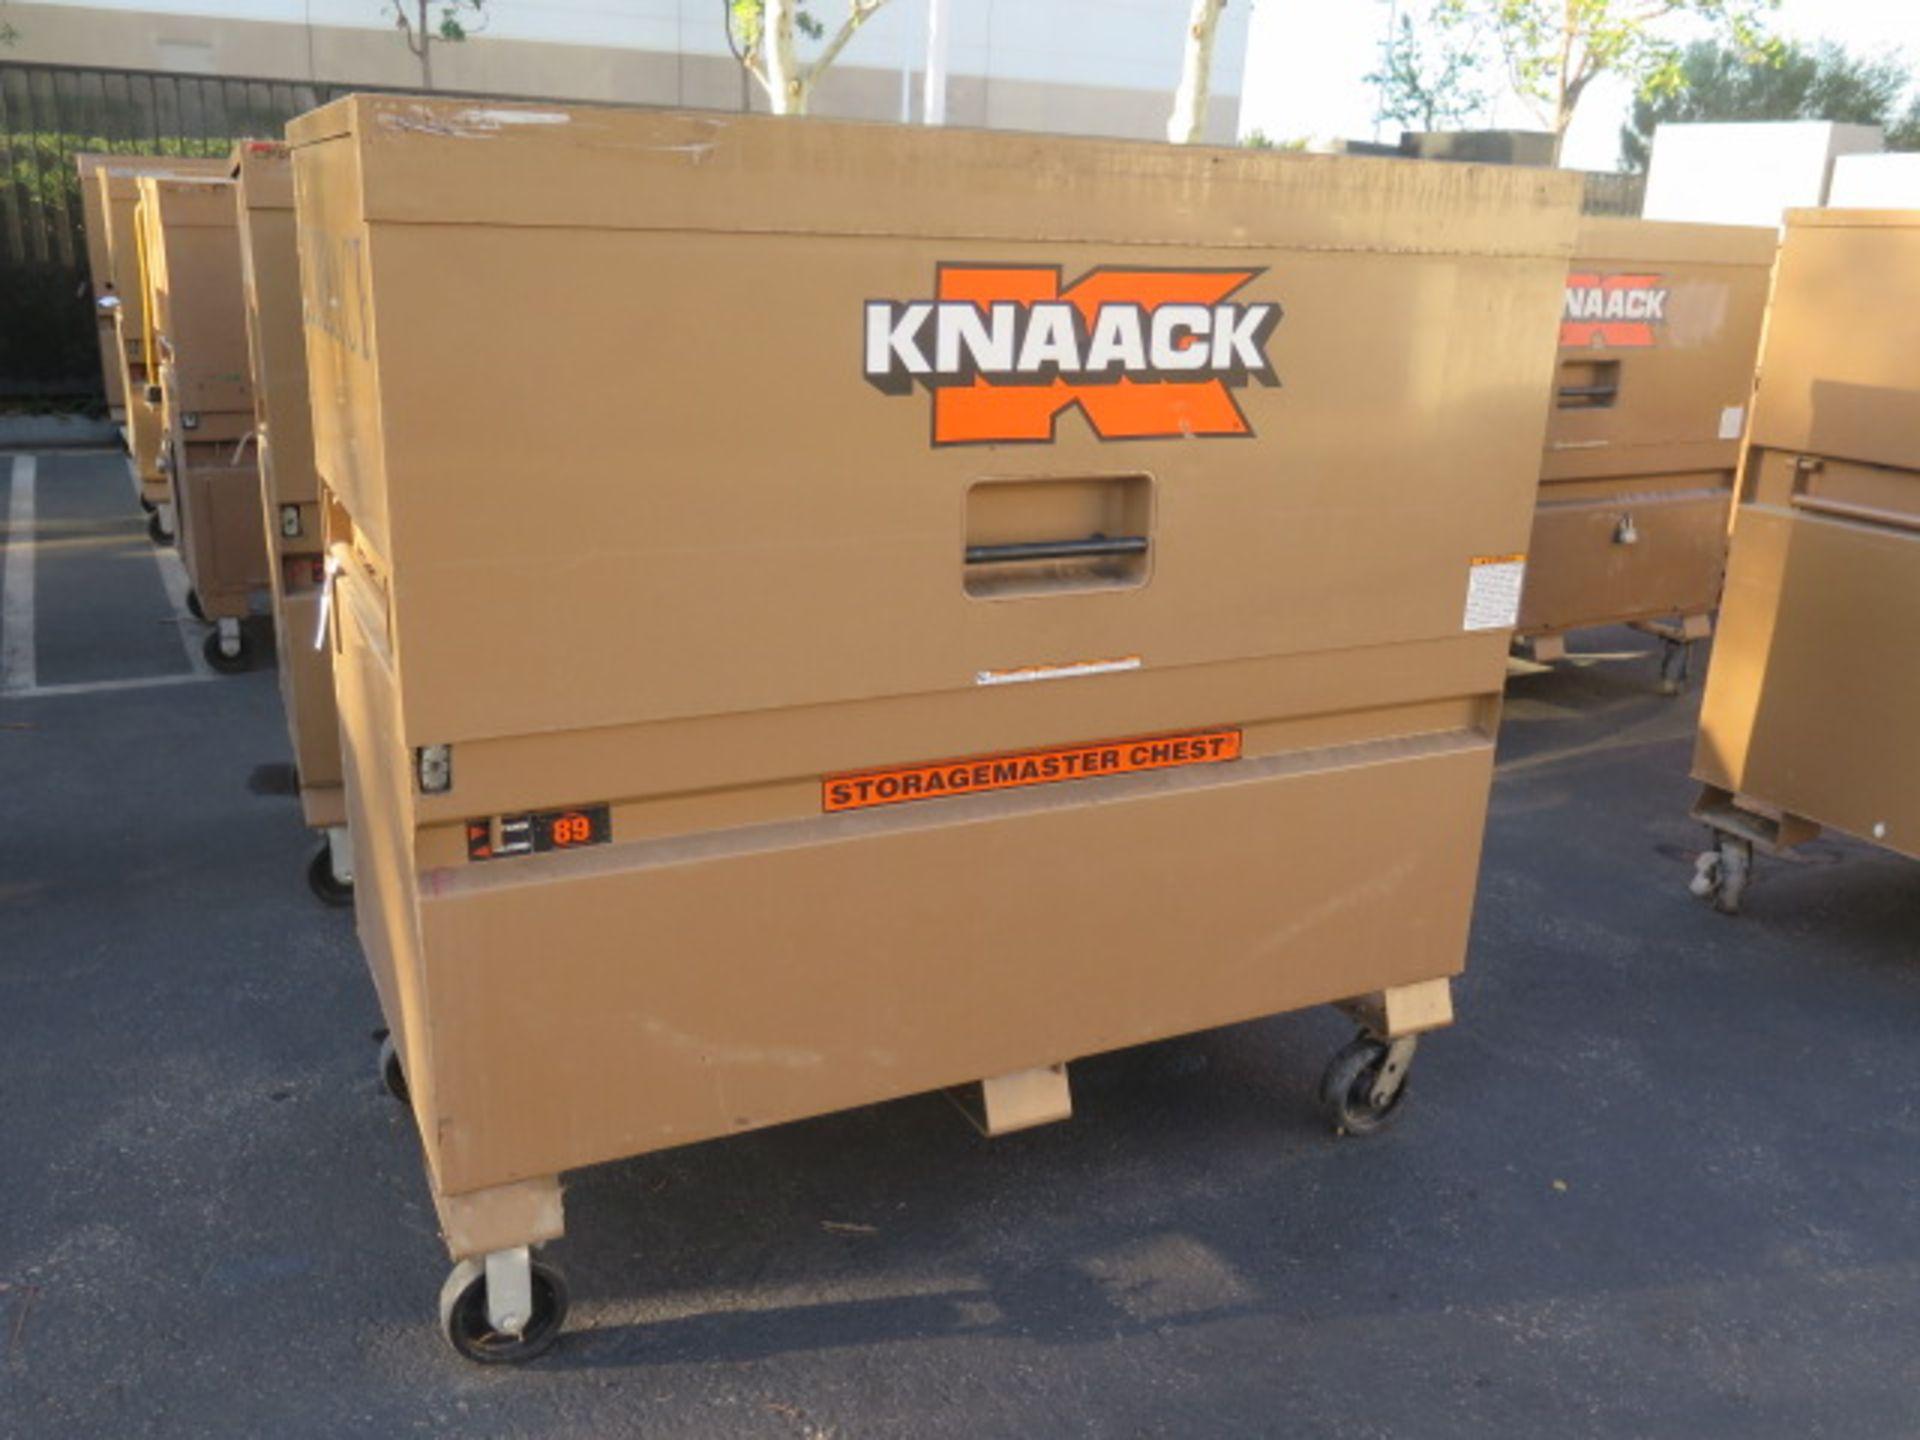 Knaack mdl. 89 Storagemaster Rolling Job Box w/ Come-Alongs (SOLD AS-IS - NO WARRANTY)